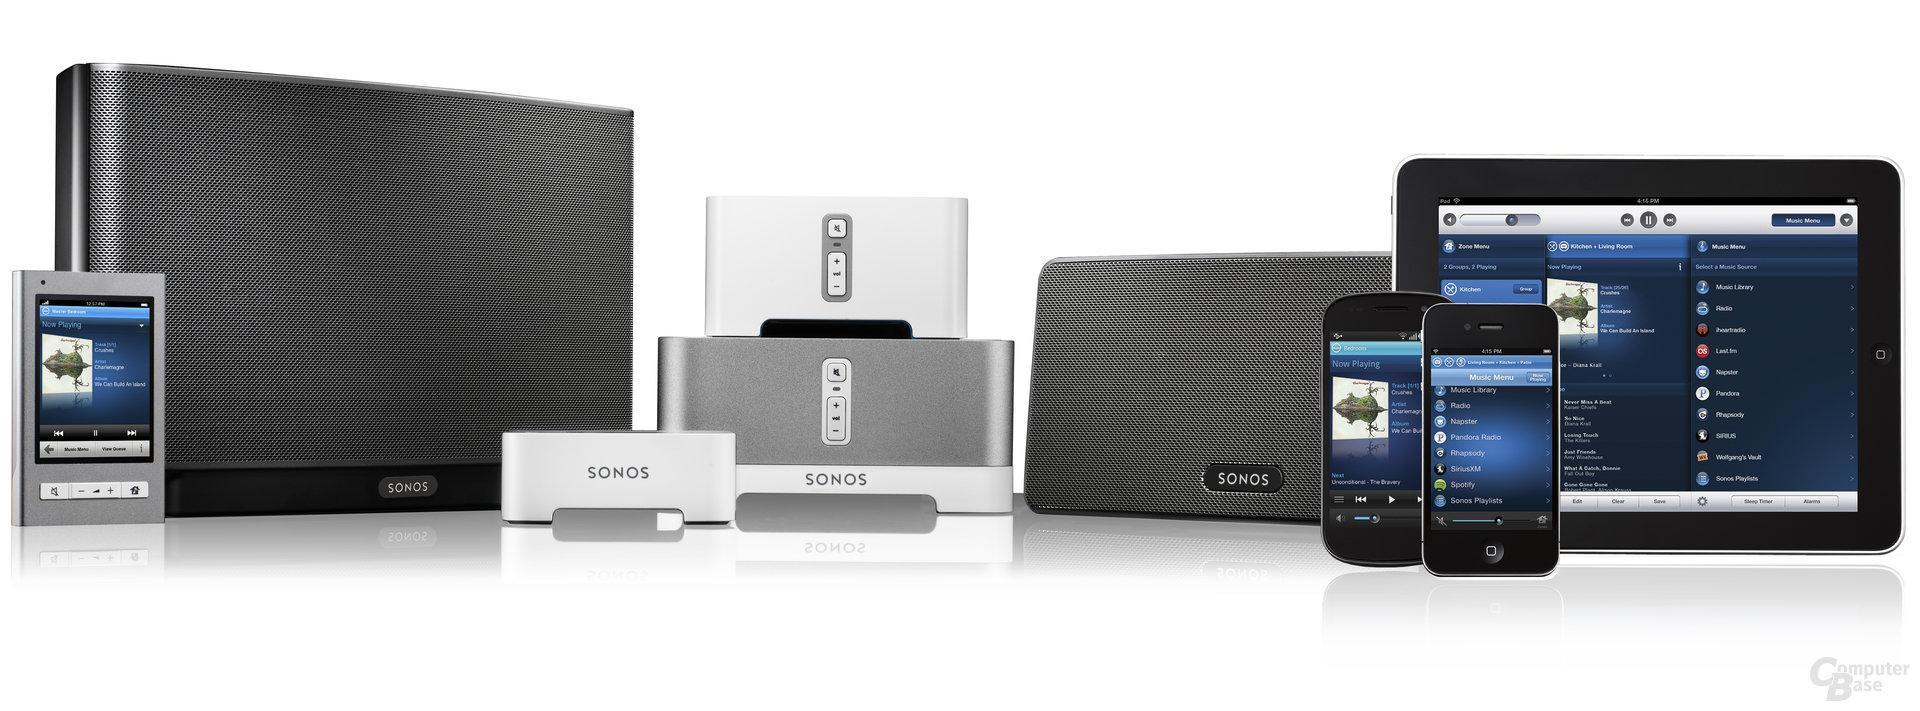 Überblick über die Sonos-Produktfamilie